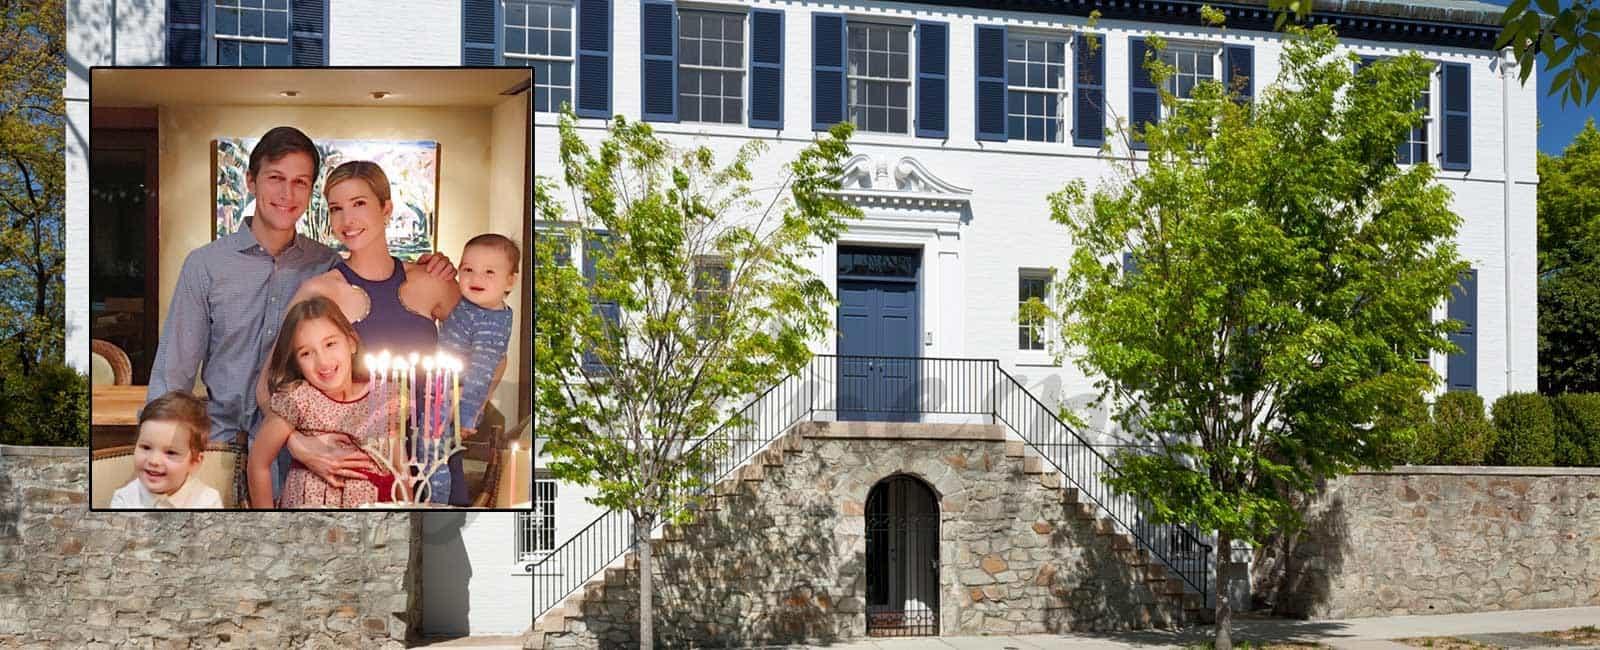 La nueva casa de Ivanka Trump, hija del nuevo Presidente Donald Trump, en Washington